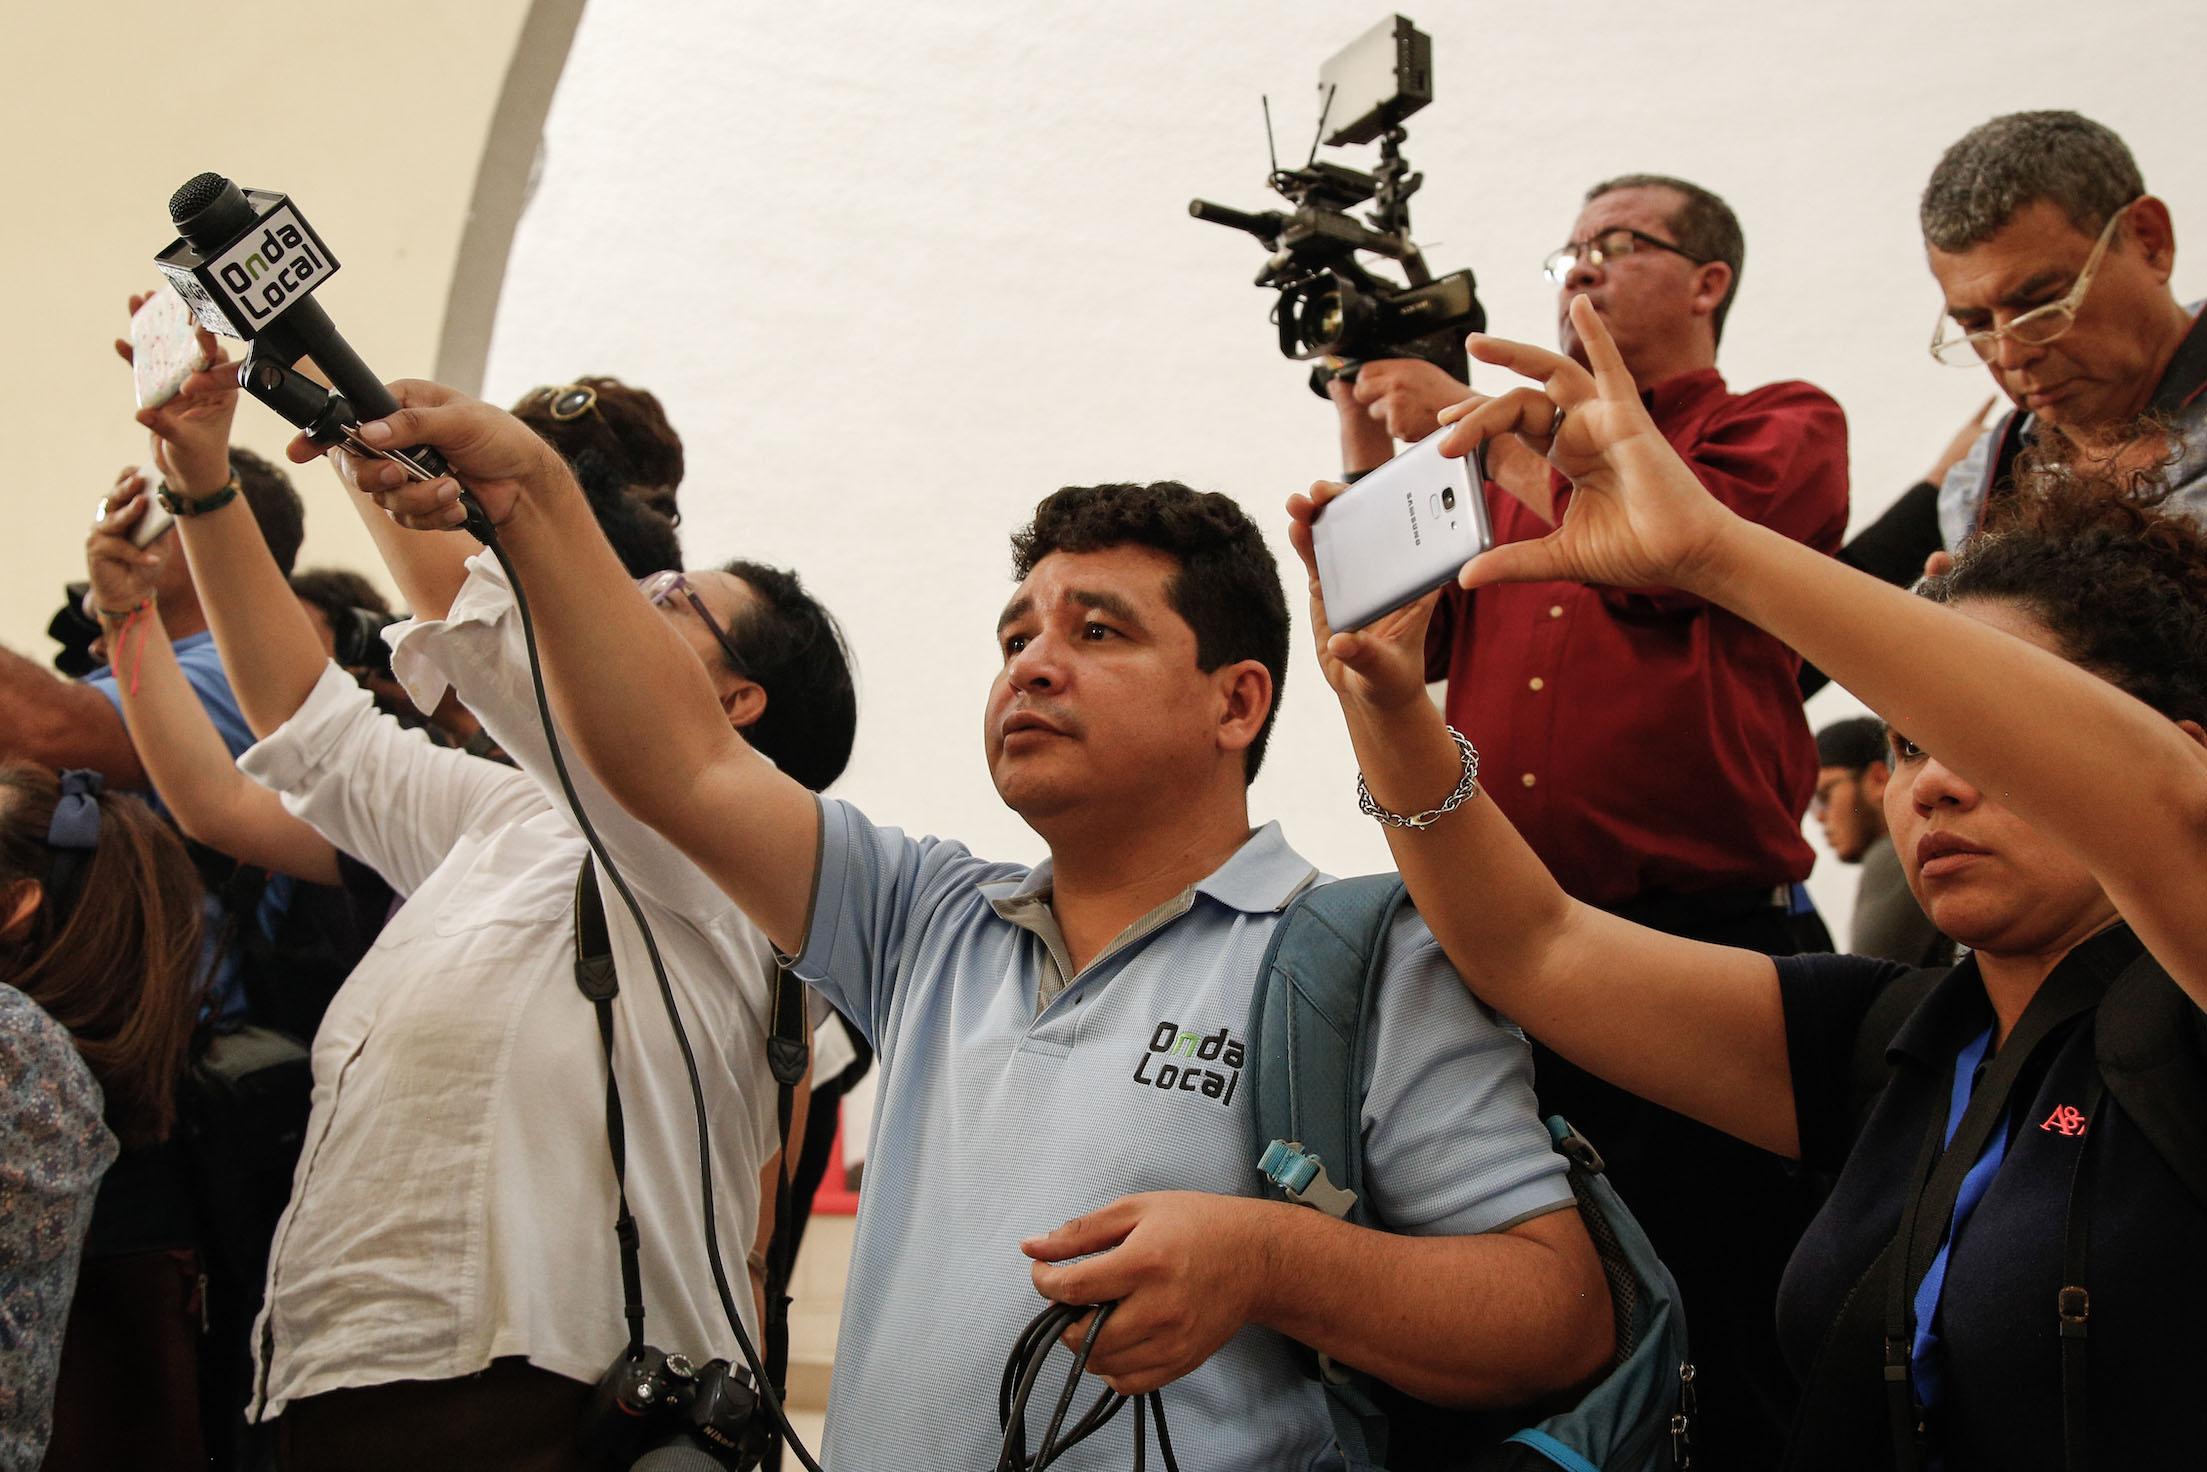 Julio Lopez, Onda Localin toimittaja